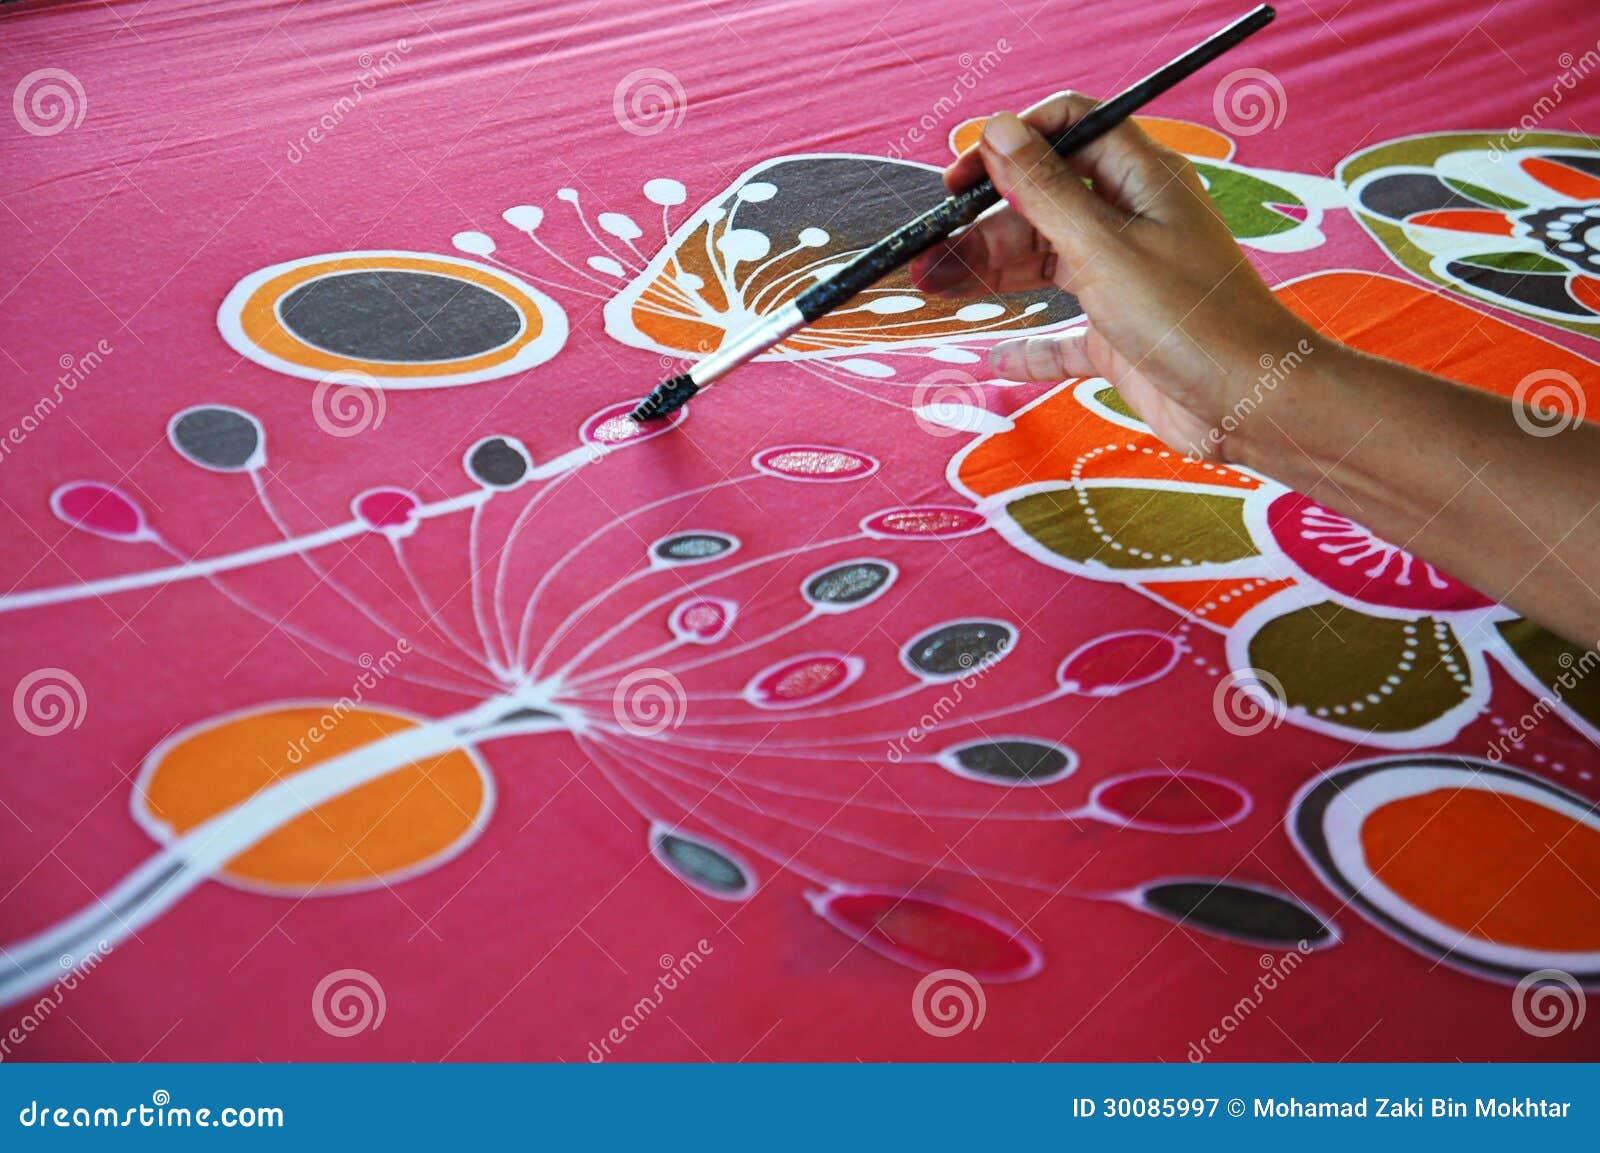 Peinture de batik image stock. Image du culture, batik - 30085997